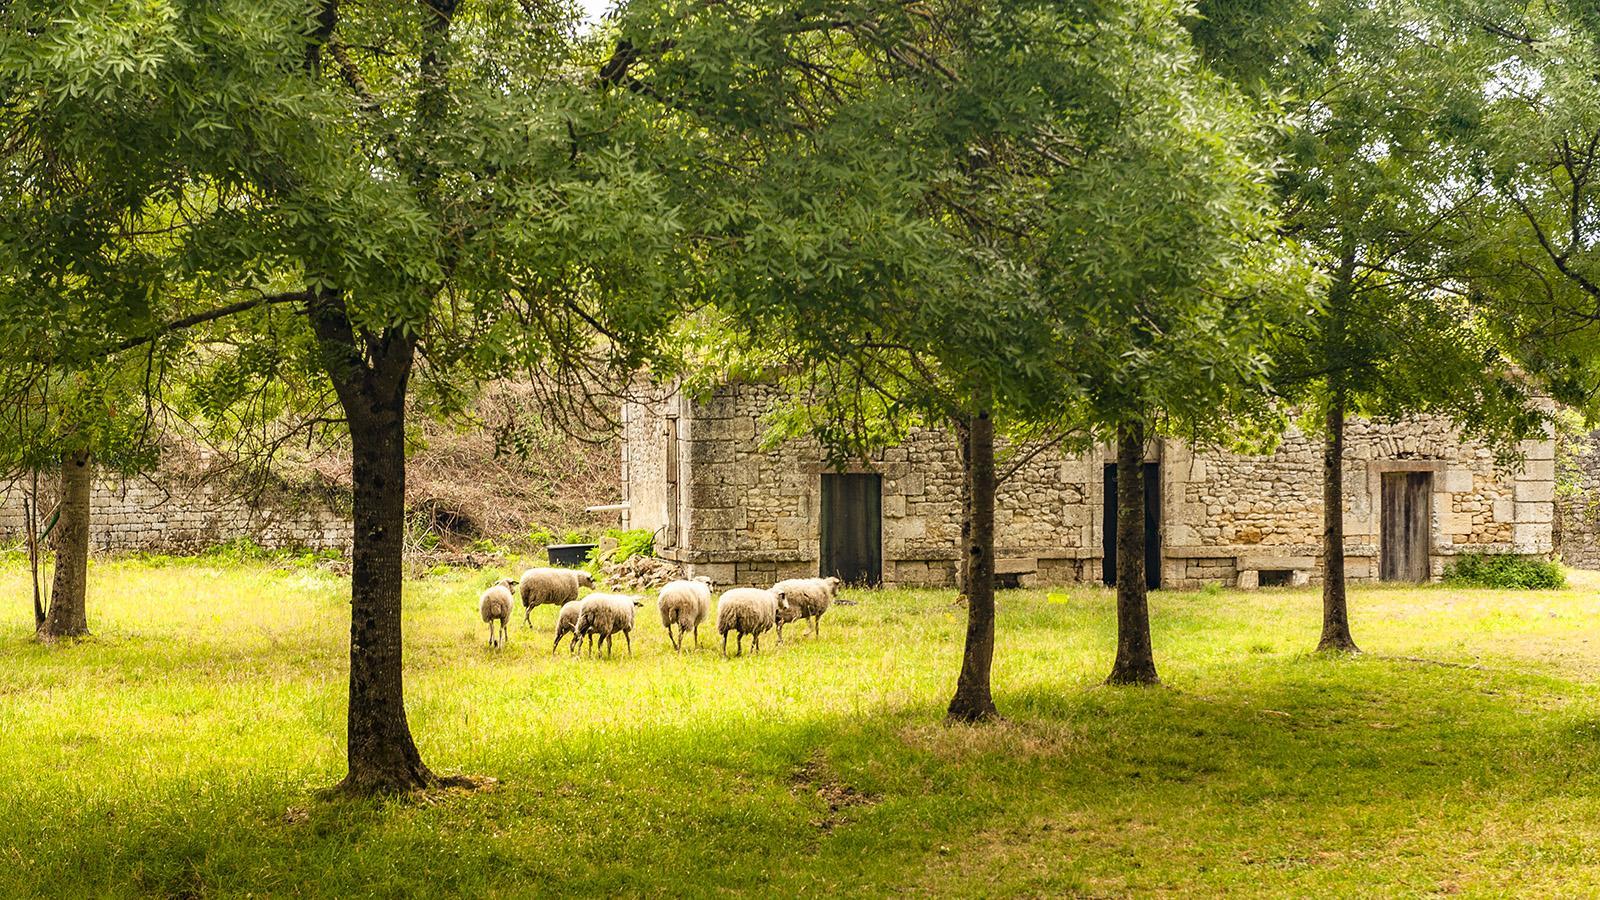 Zitadelle von Blaye. Foto: Hilke Maunder